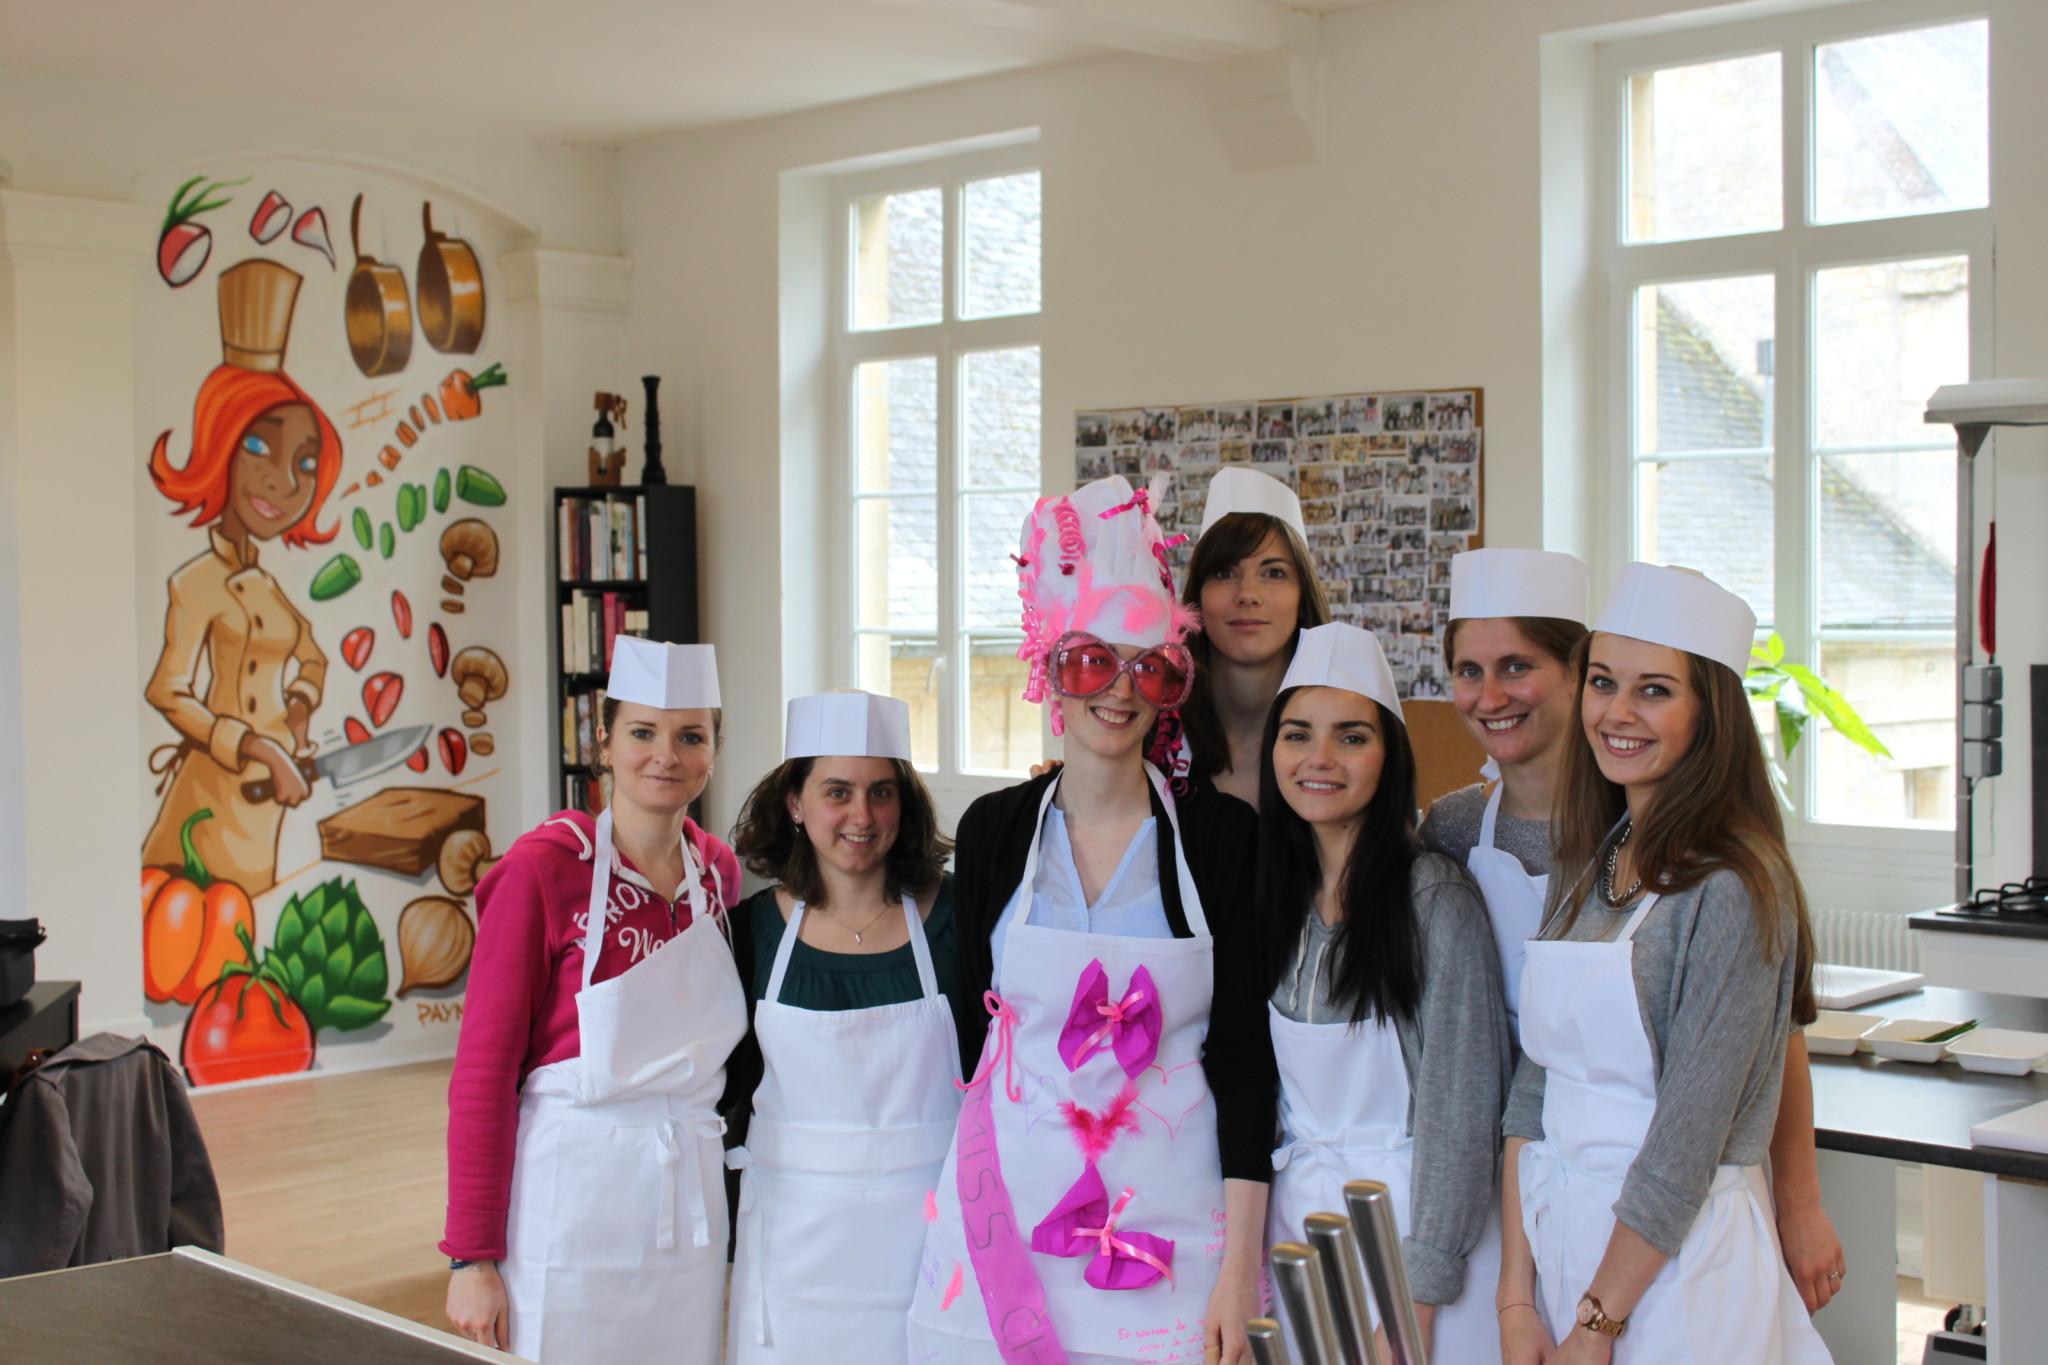 Cours de cuisine caen evjf - Cours de cuisine caen ...